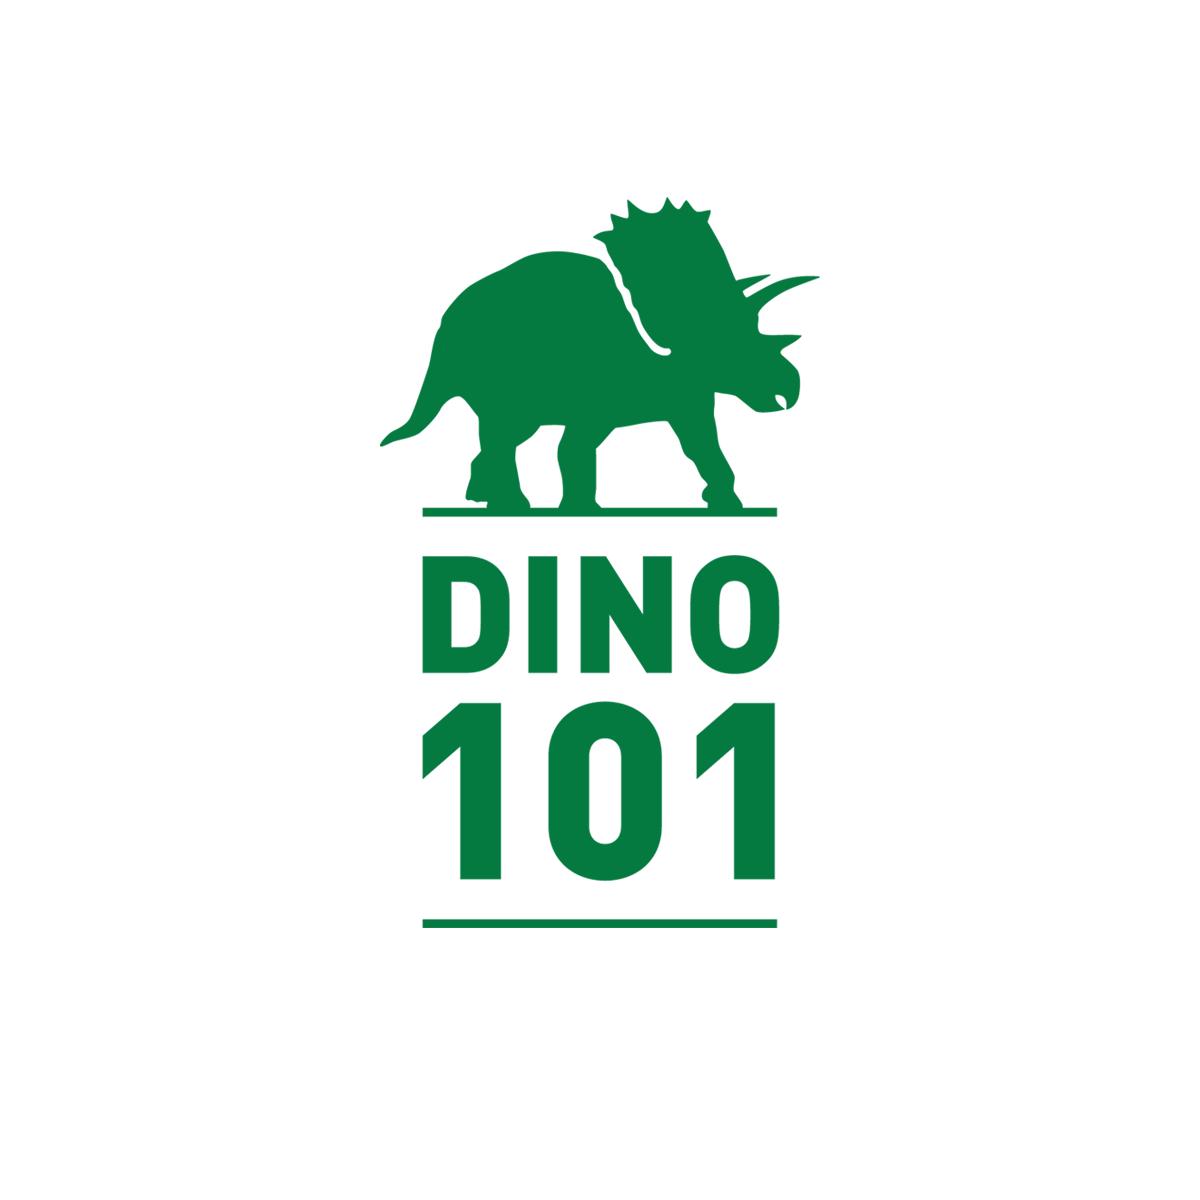 Dino 101 logo